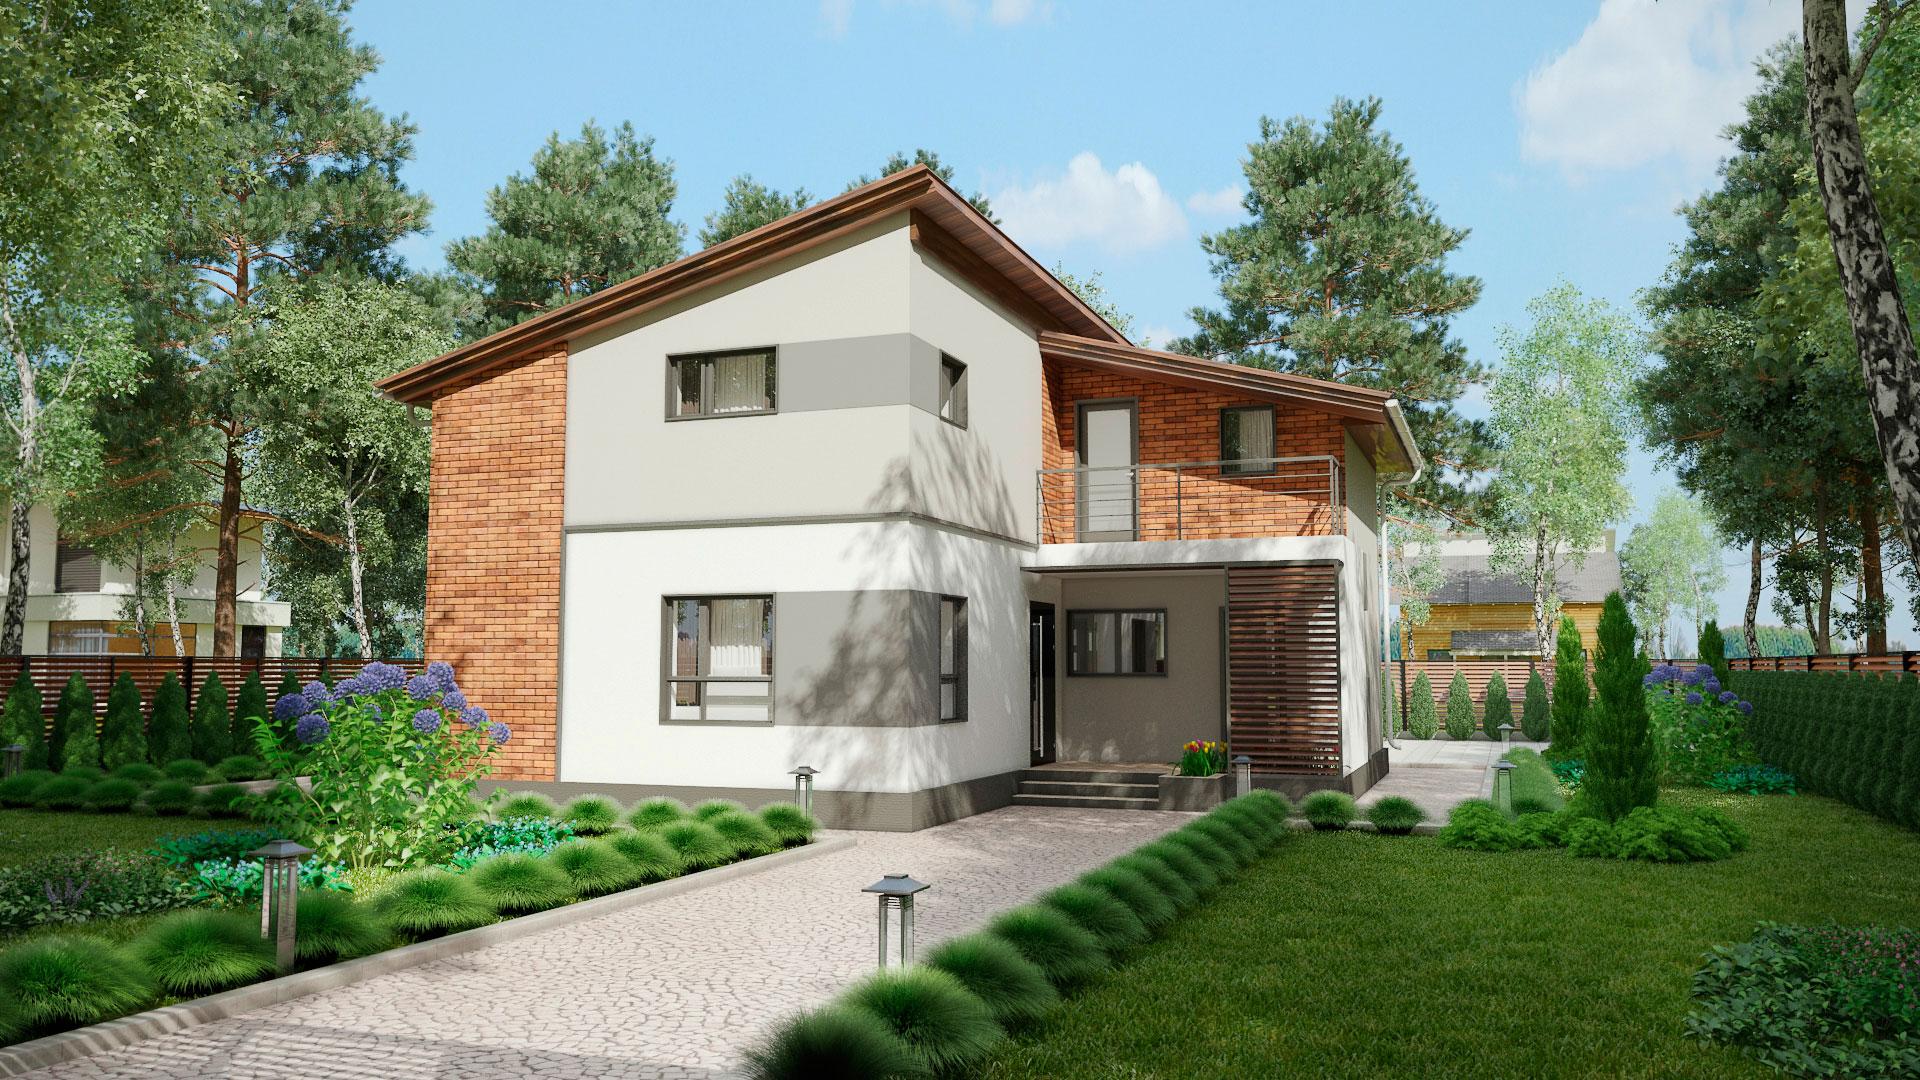 Передний фасад двухэтажного дома с террасой и балконом, проект БЭНПАН МС-238.